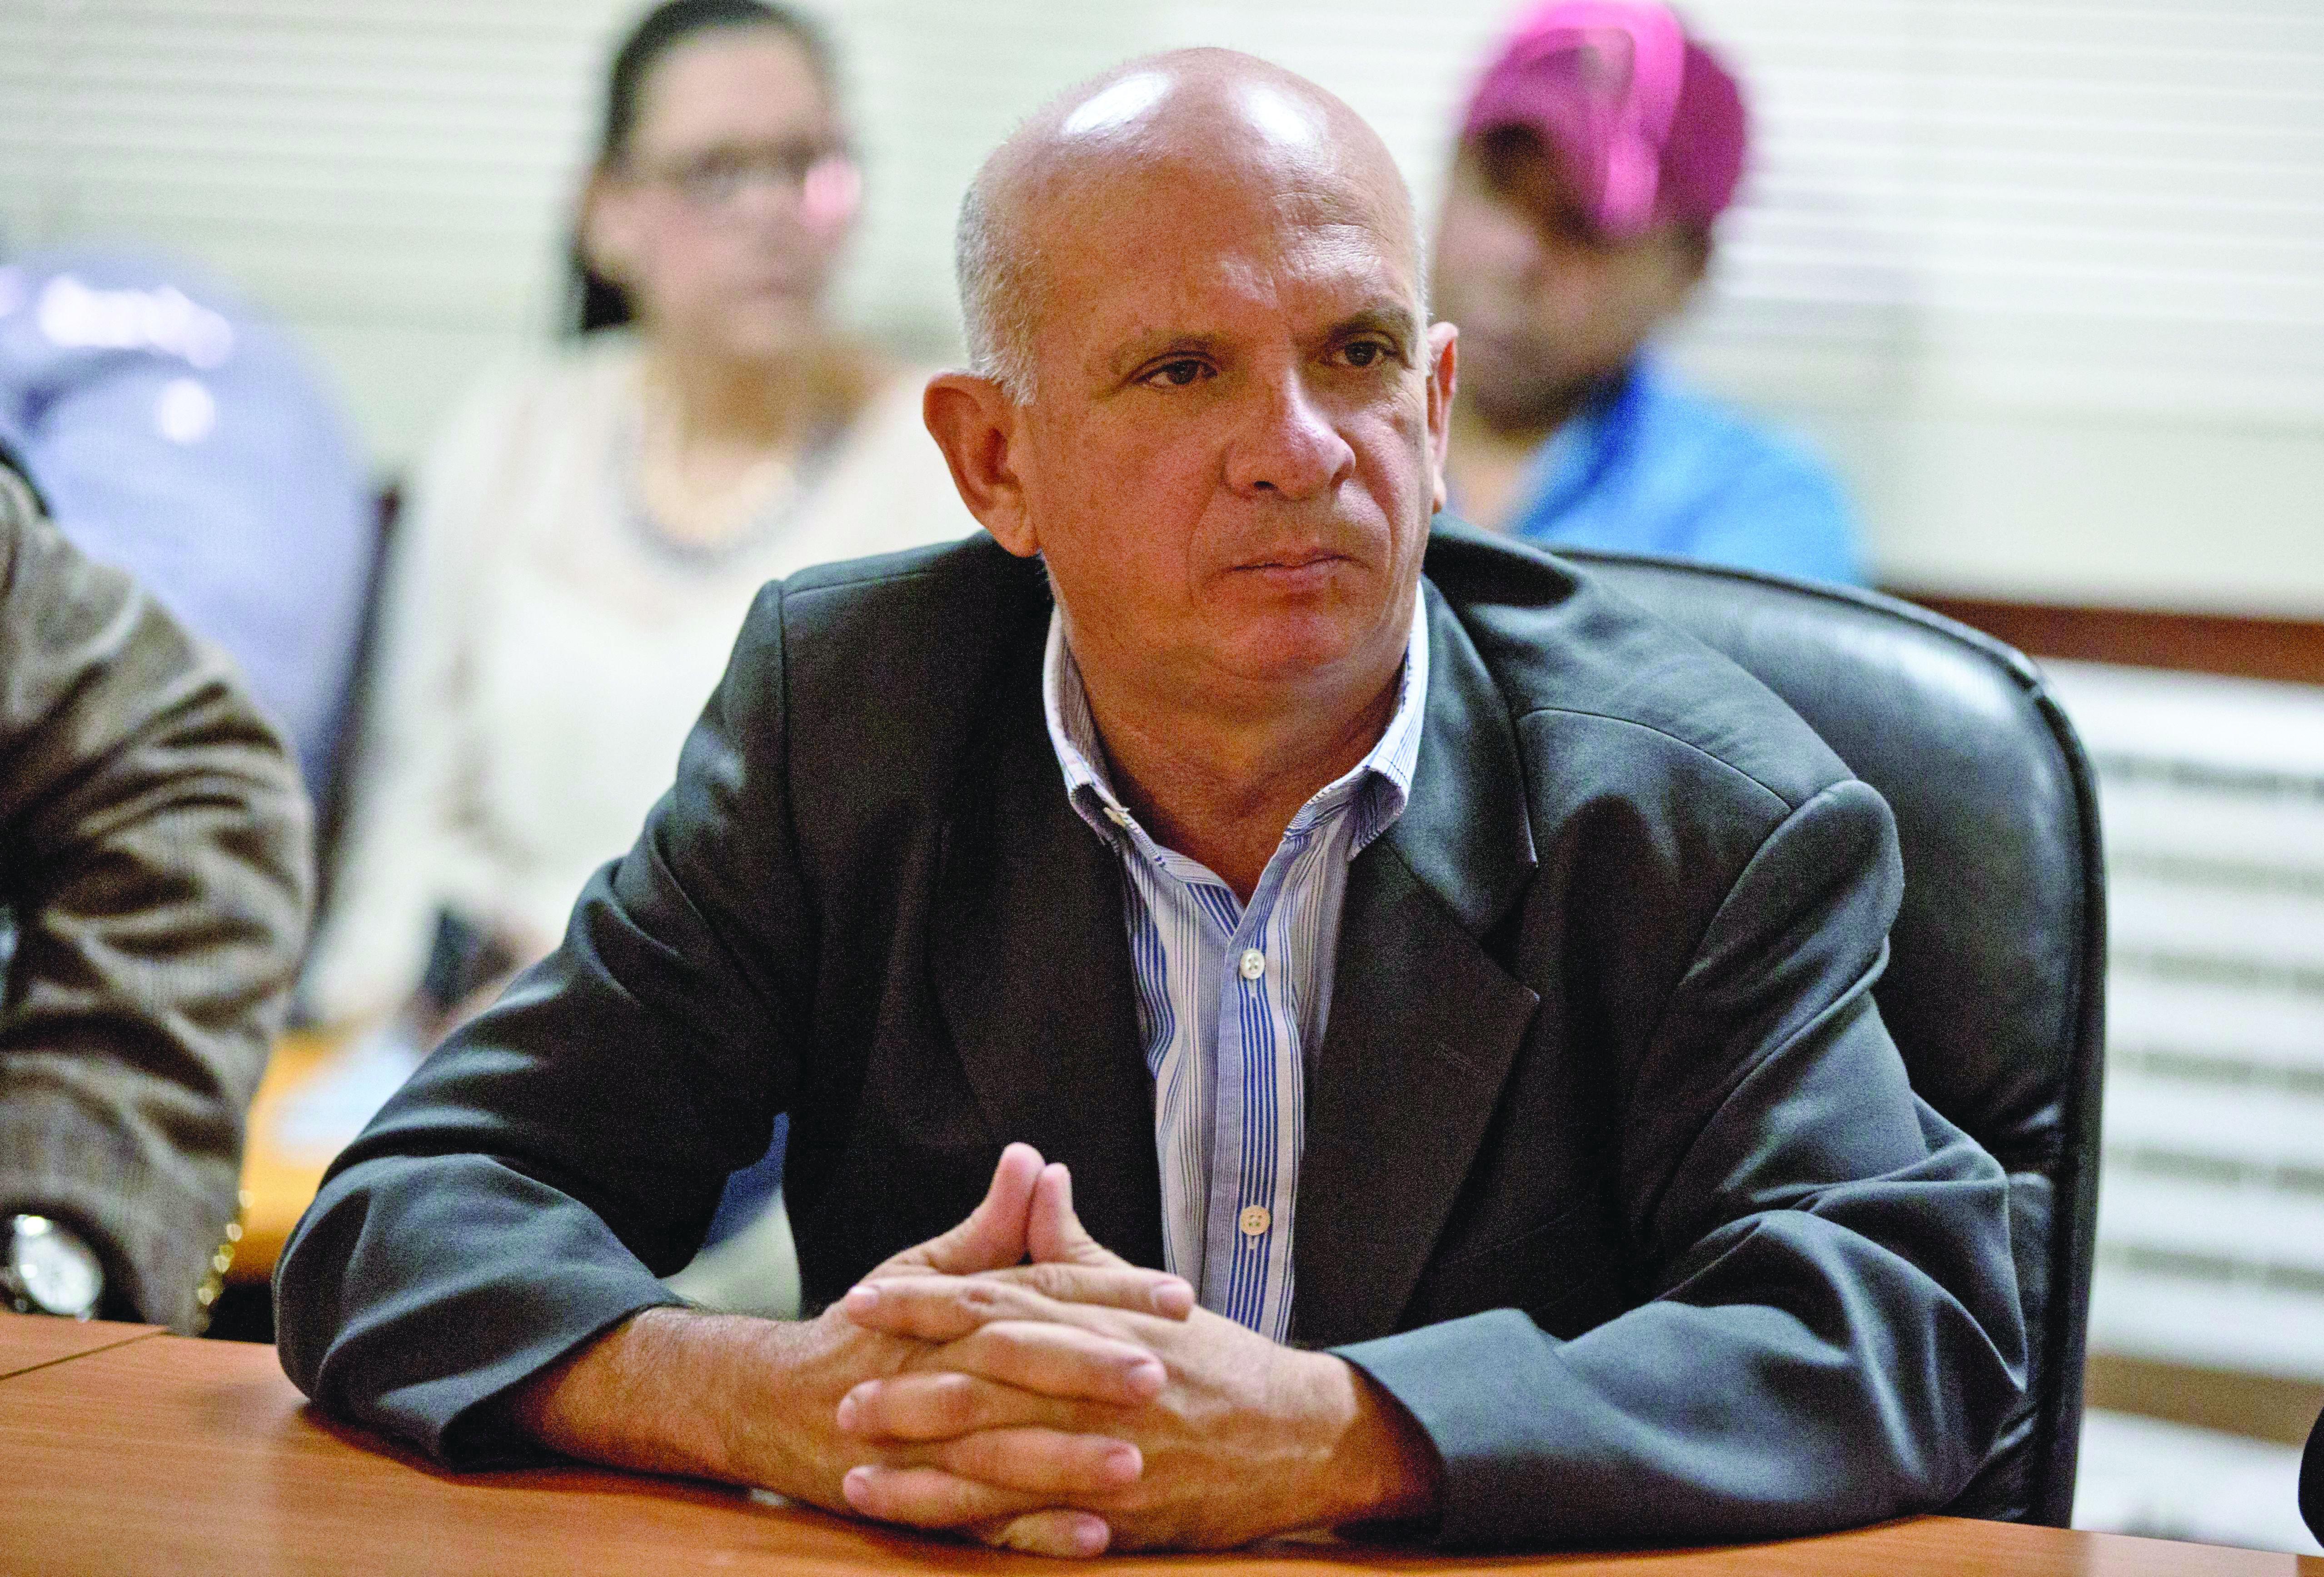 El venezolano Hugo Armando Carvajal Barrios, alias El Pollo, exgeneral de la Fuerza Armada Nacional Bolivariana (FANB). Fotografía del 20 de enero de 2016.